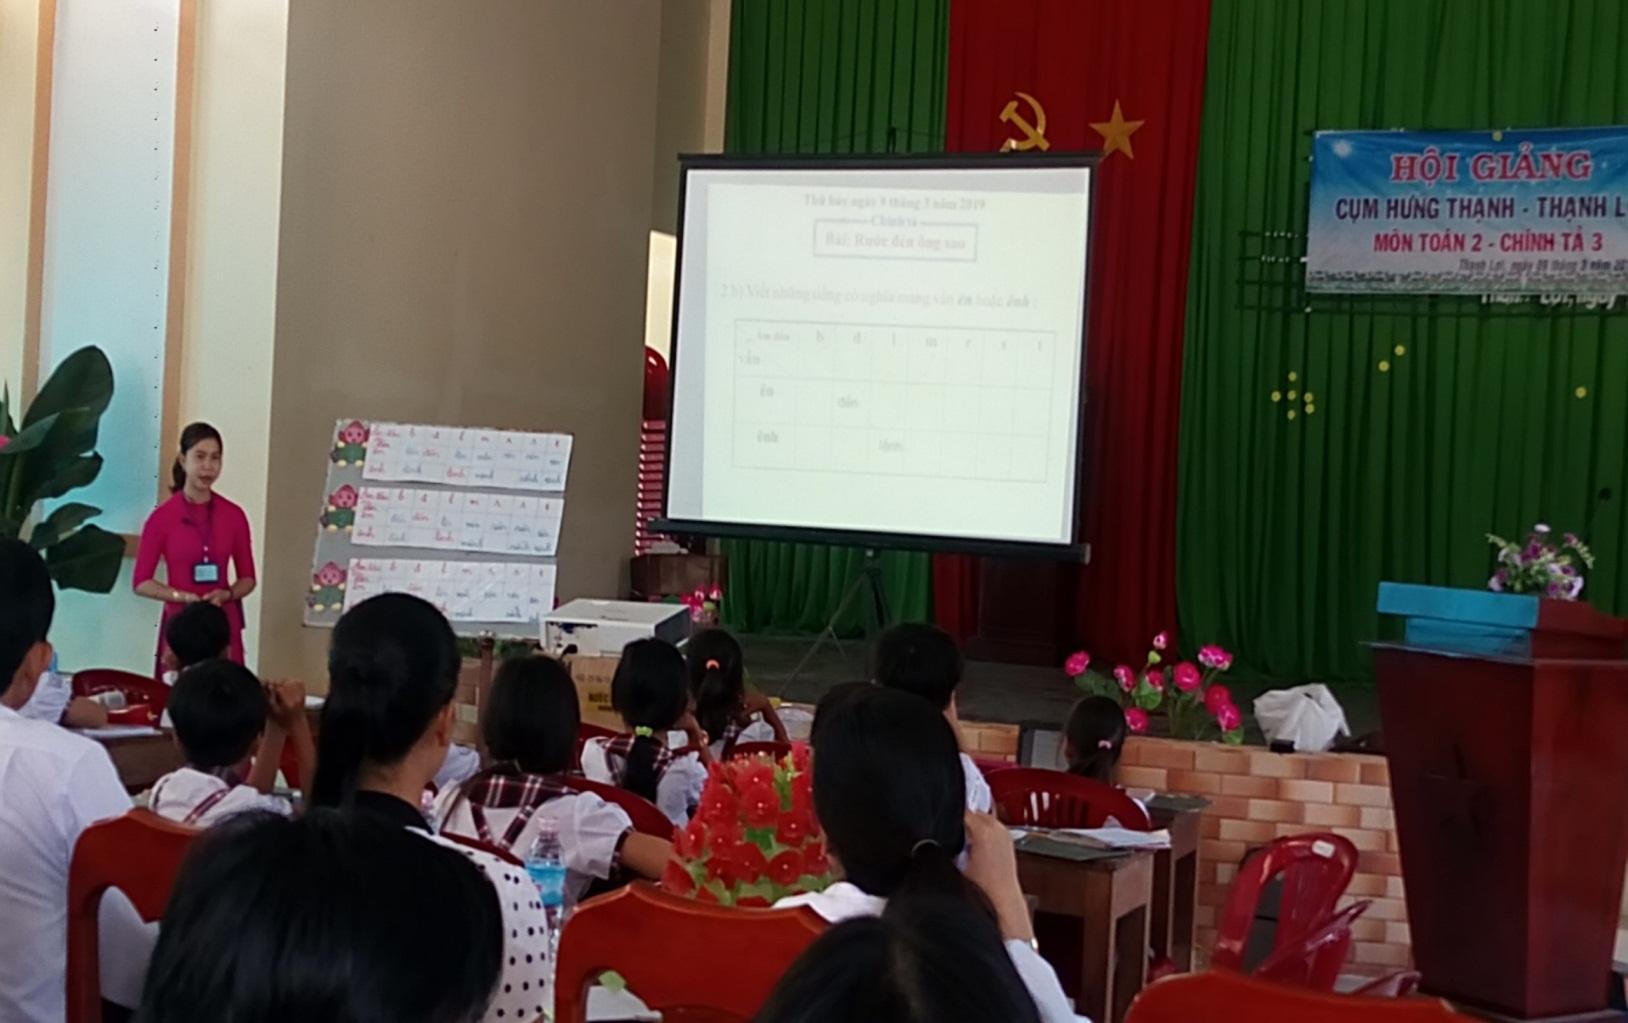 Cô Dương Thị Hồng Linh – GV Trường TH Thạnh Lợi dạy minh họa phân môn Chính tả lớp 3